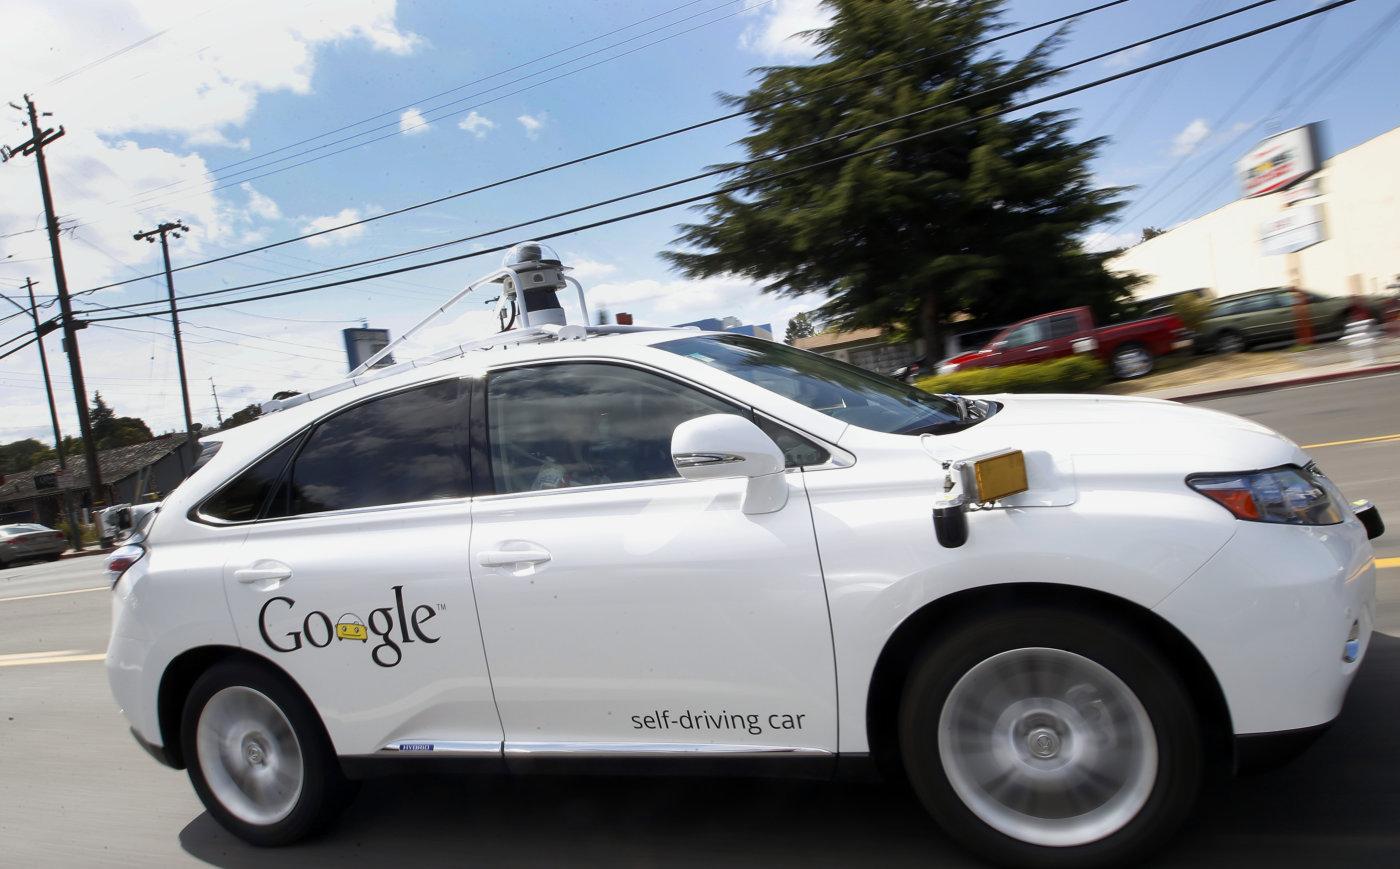 El coche autónomo de Google se choca con un autobús